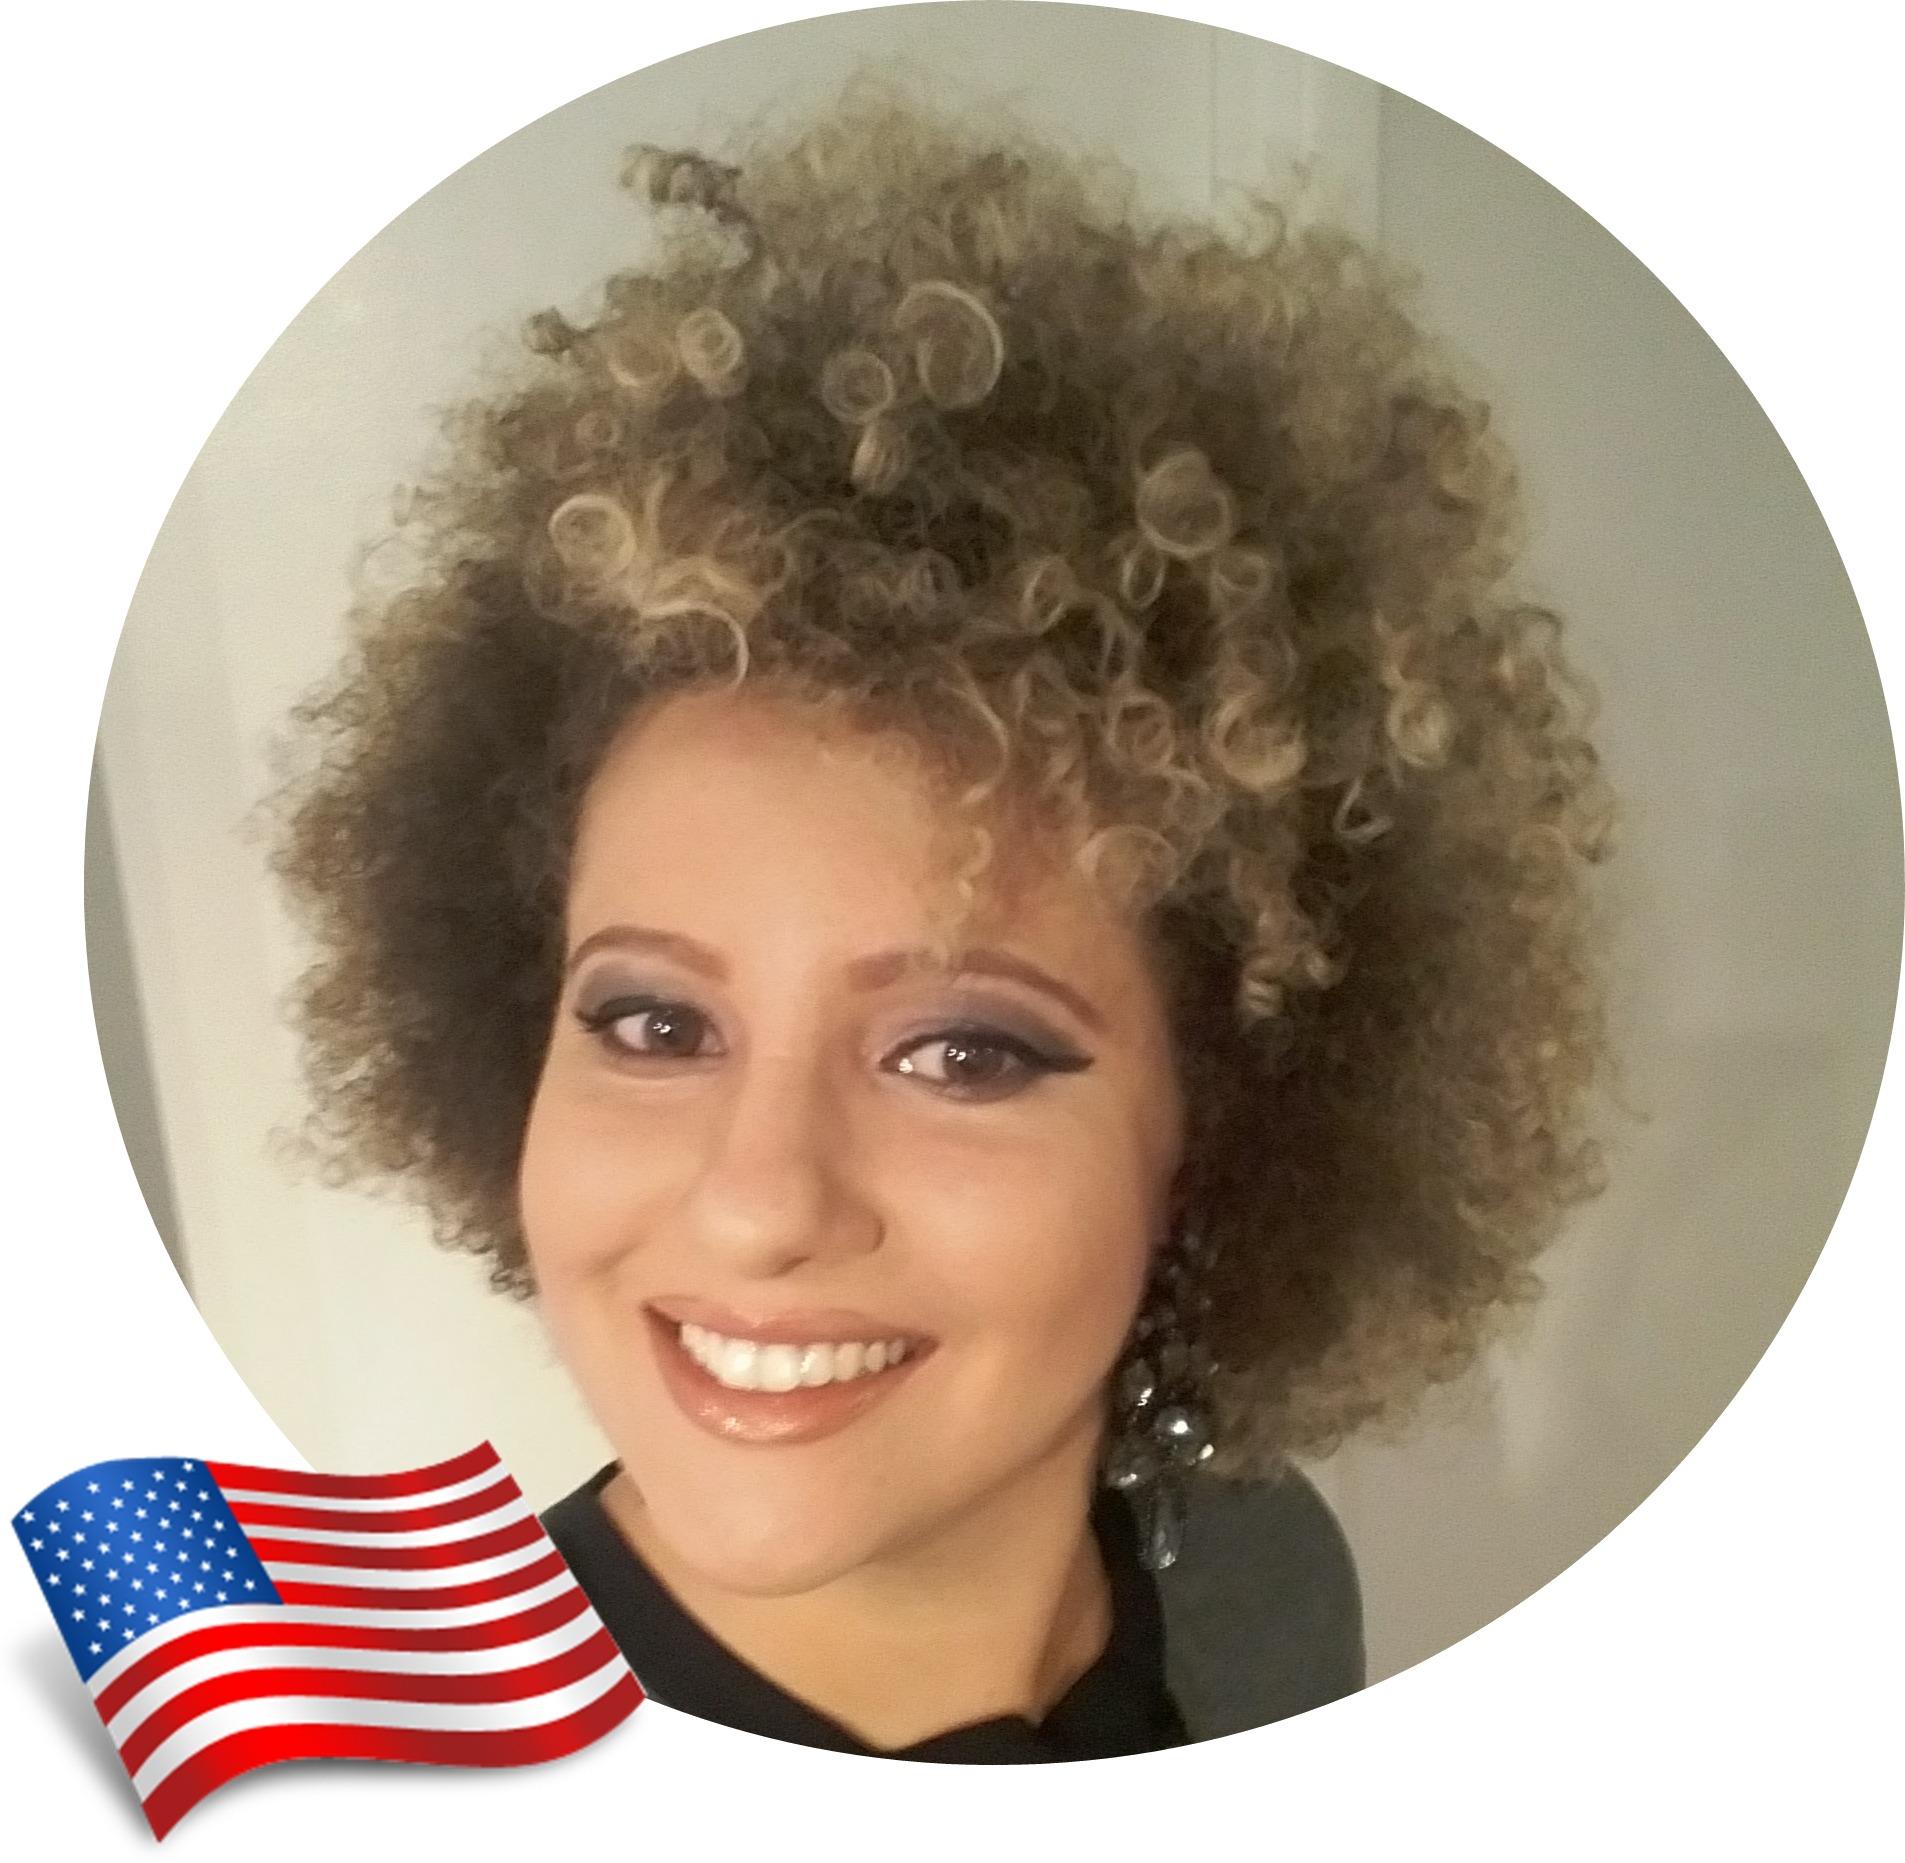 Cuidados com cabelos crespos no exterior, Samira, Estados Unidos